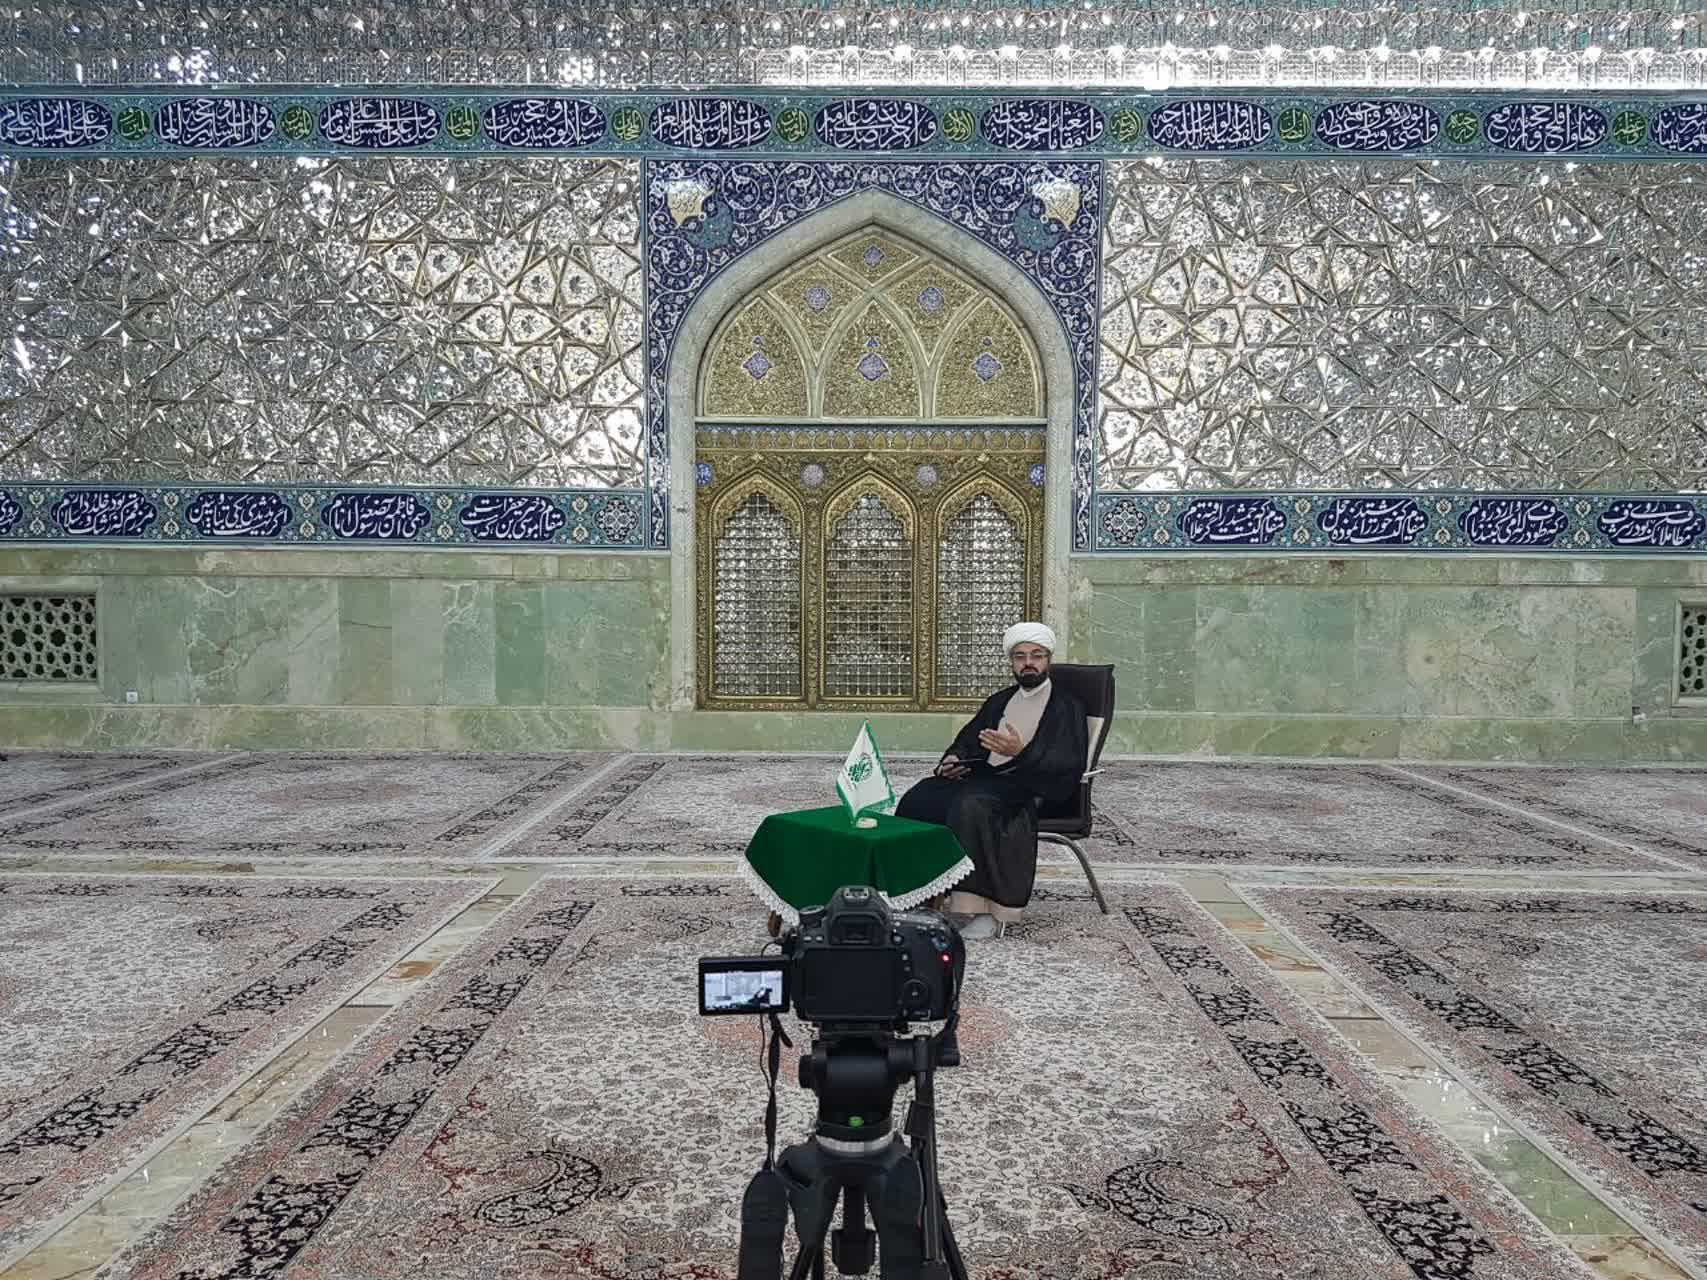 تولید ویژه برنامههای «حجاب در ادیان ابراهیمی» به زبان انگلیسی و اسپانیولی